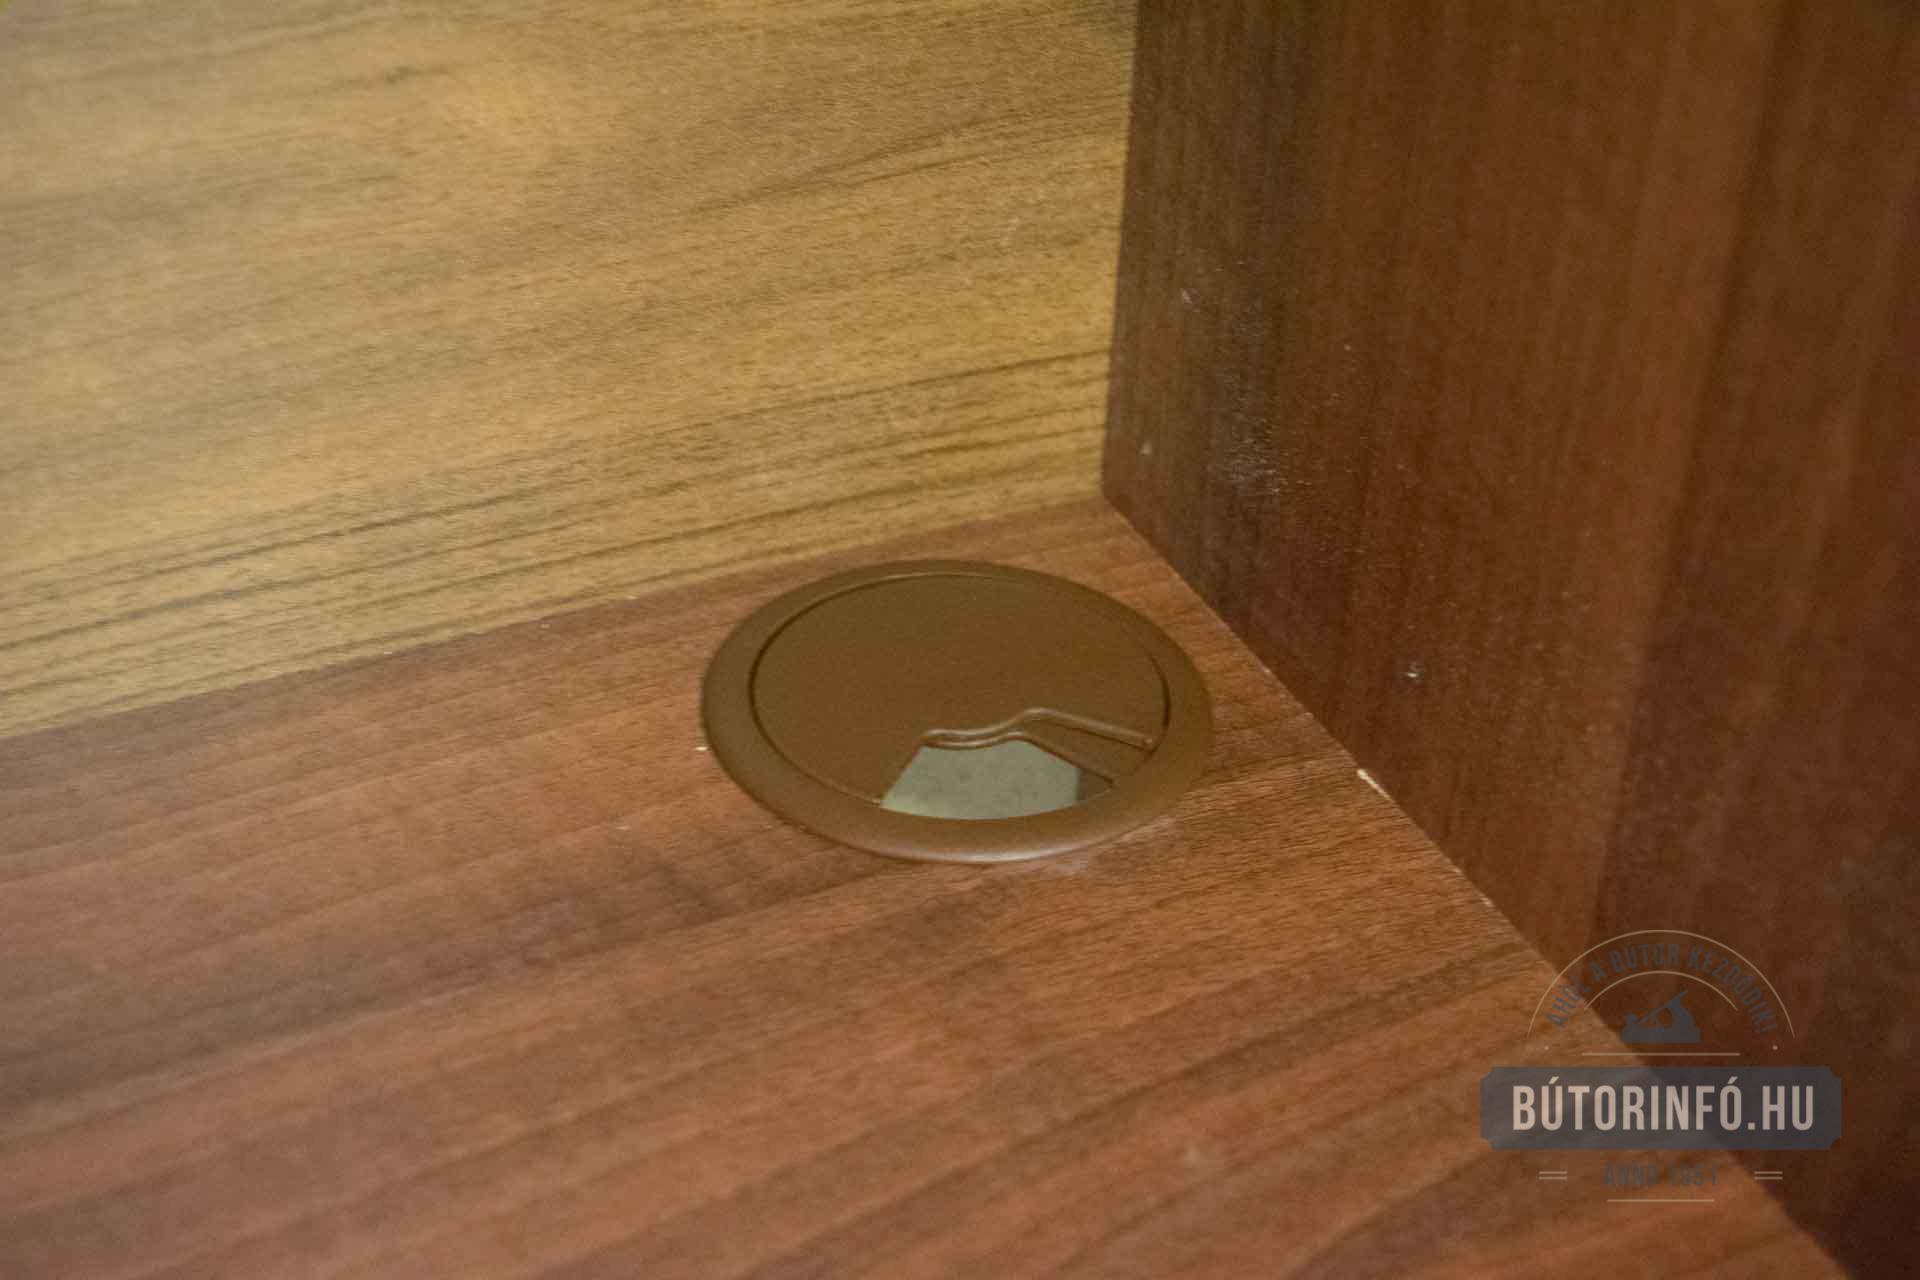 Bútor kábelátvezető beépítése házilag